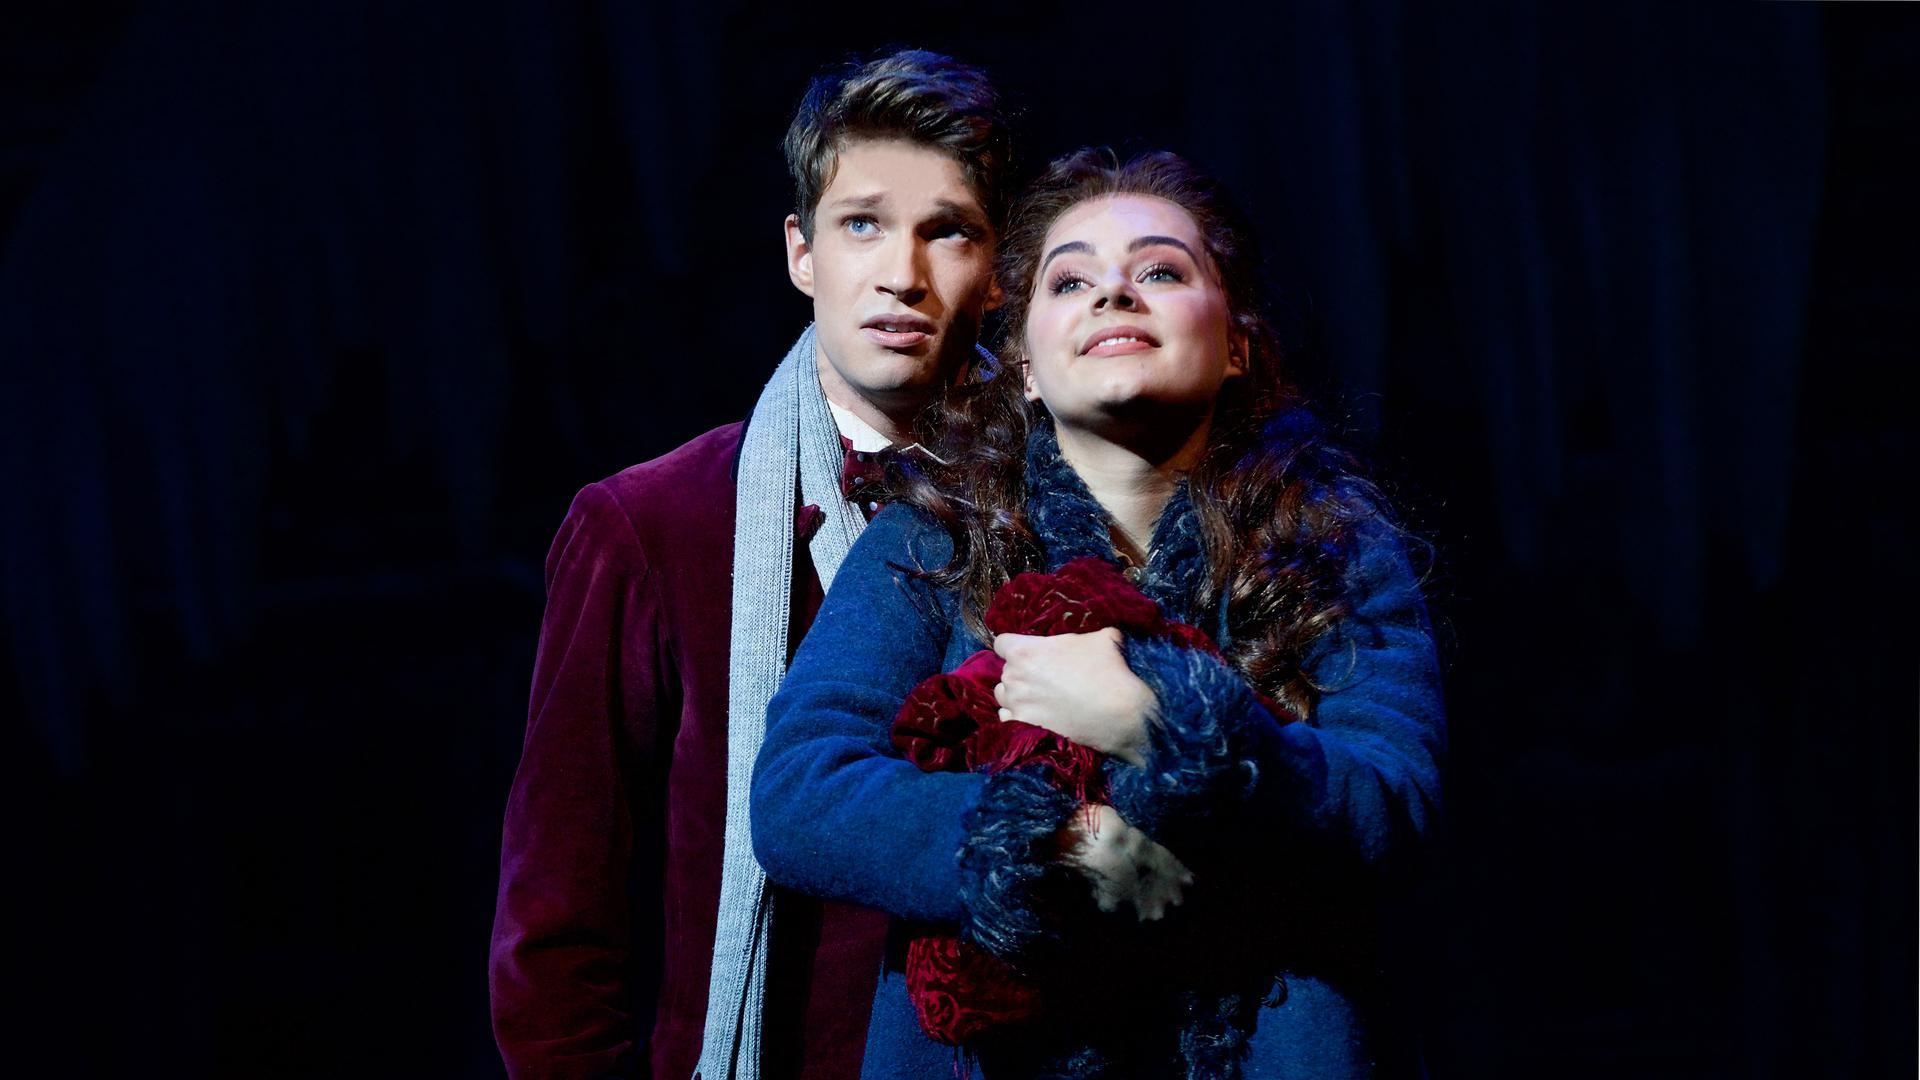 """Raphael Groß (Alfred) und Diana Schnierer (Sarah) standen auch schon in Berlin und Oberhausen für """"Tanz der Vampire"""" auf der Bühne."""